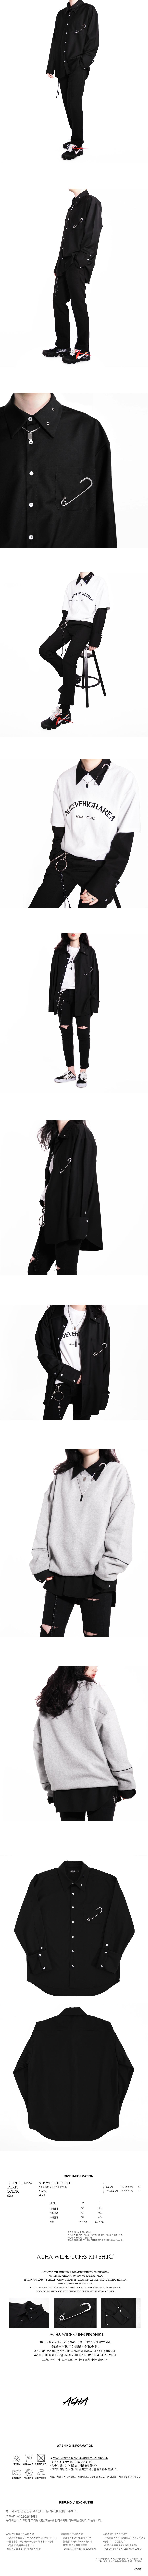 옷핀블랙셔츠.jpg